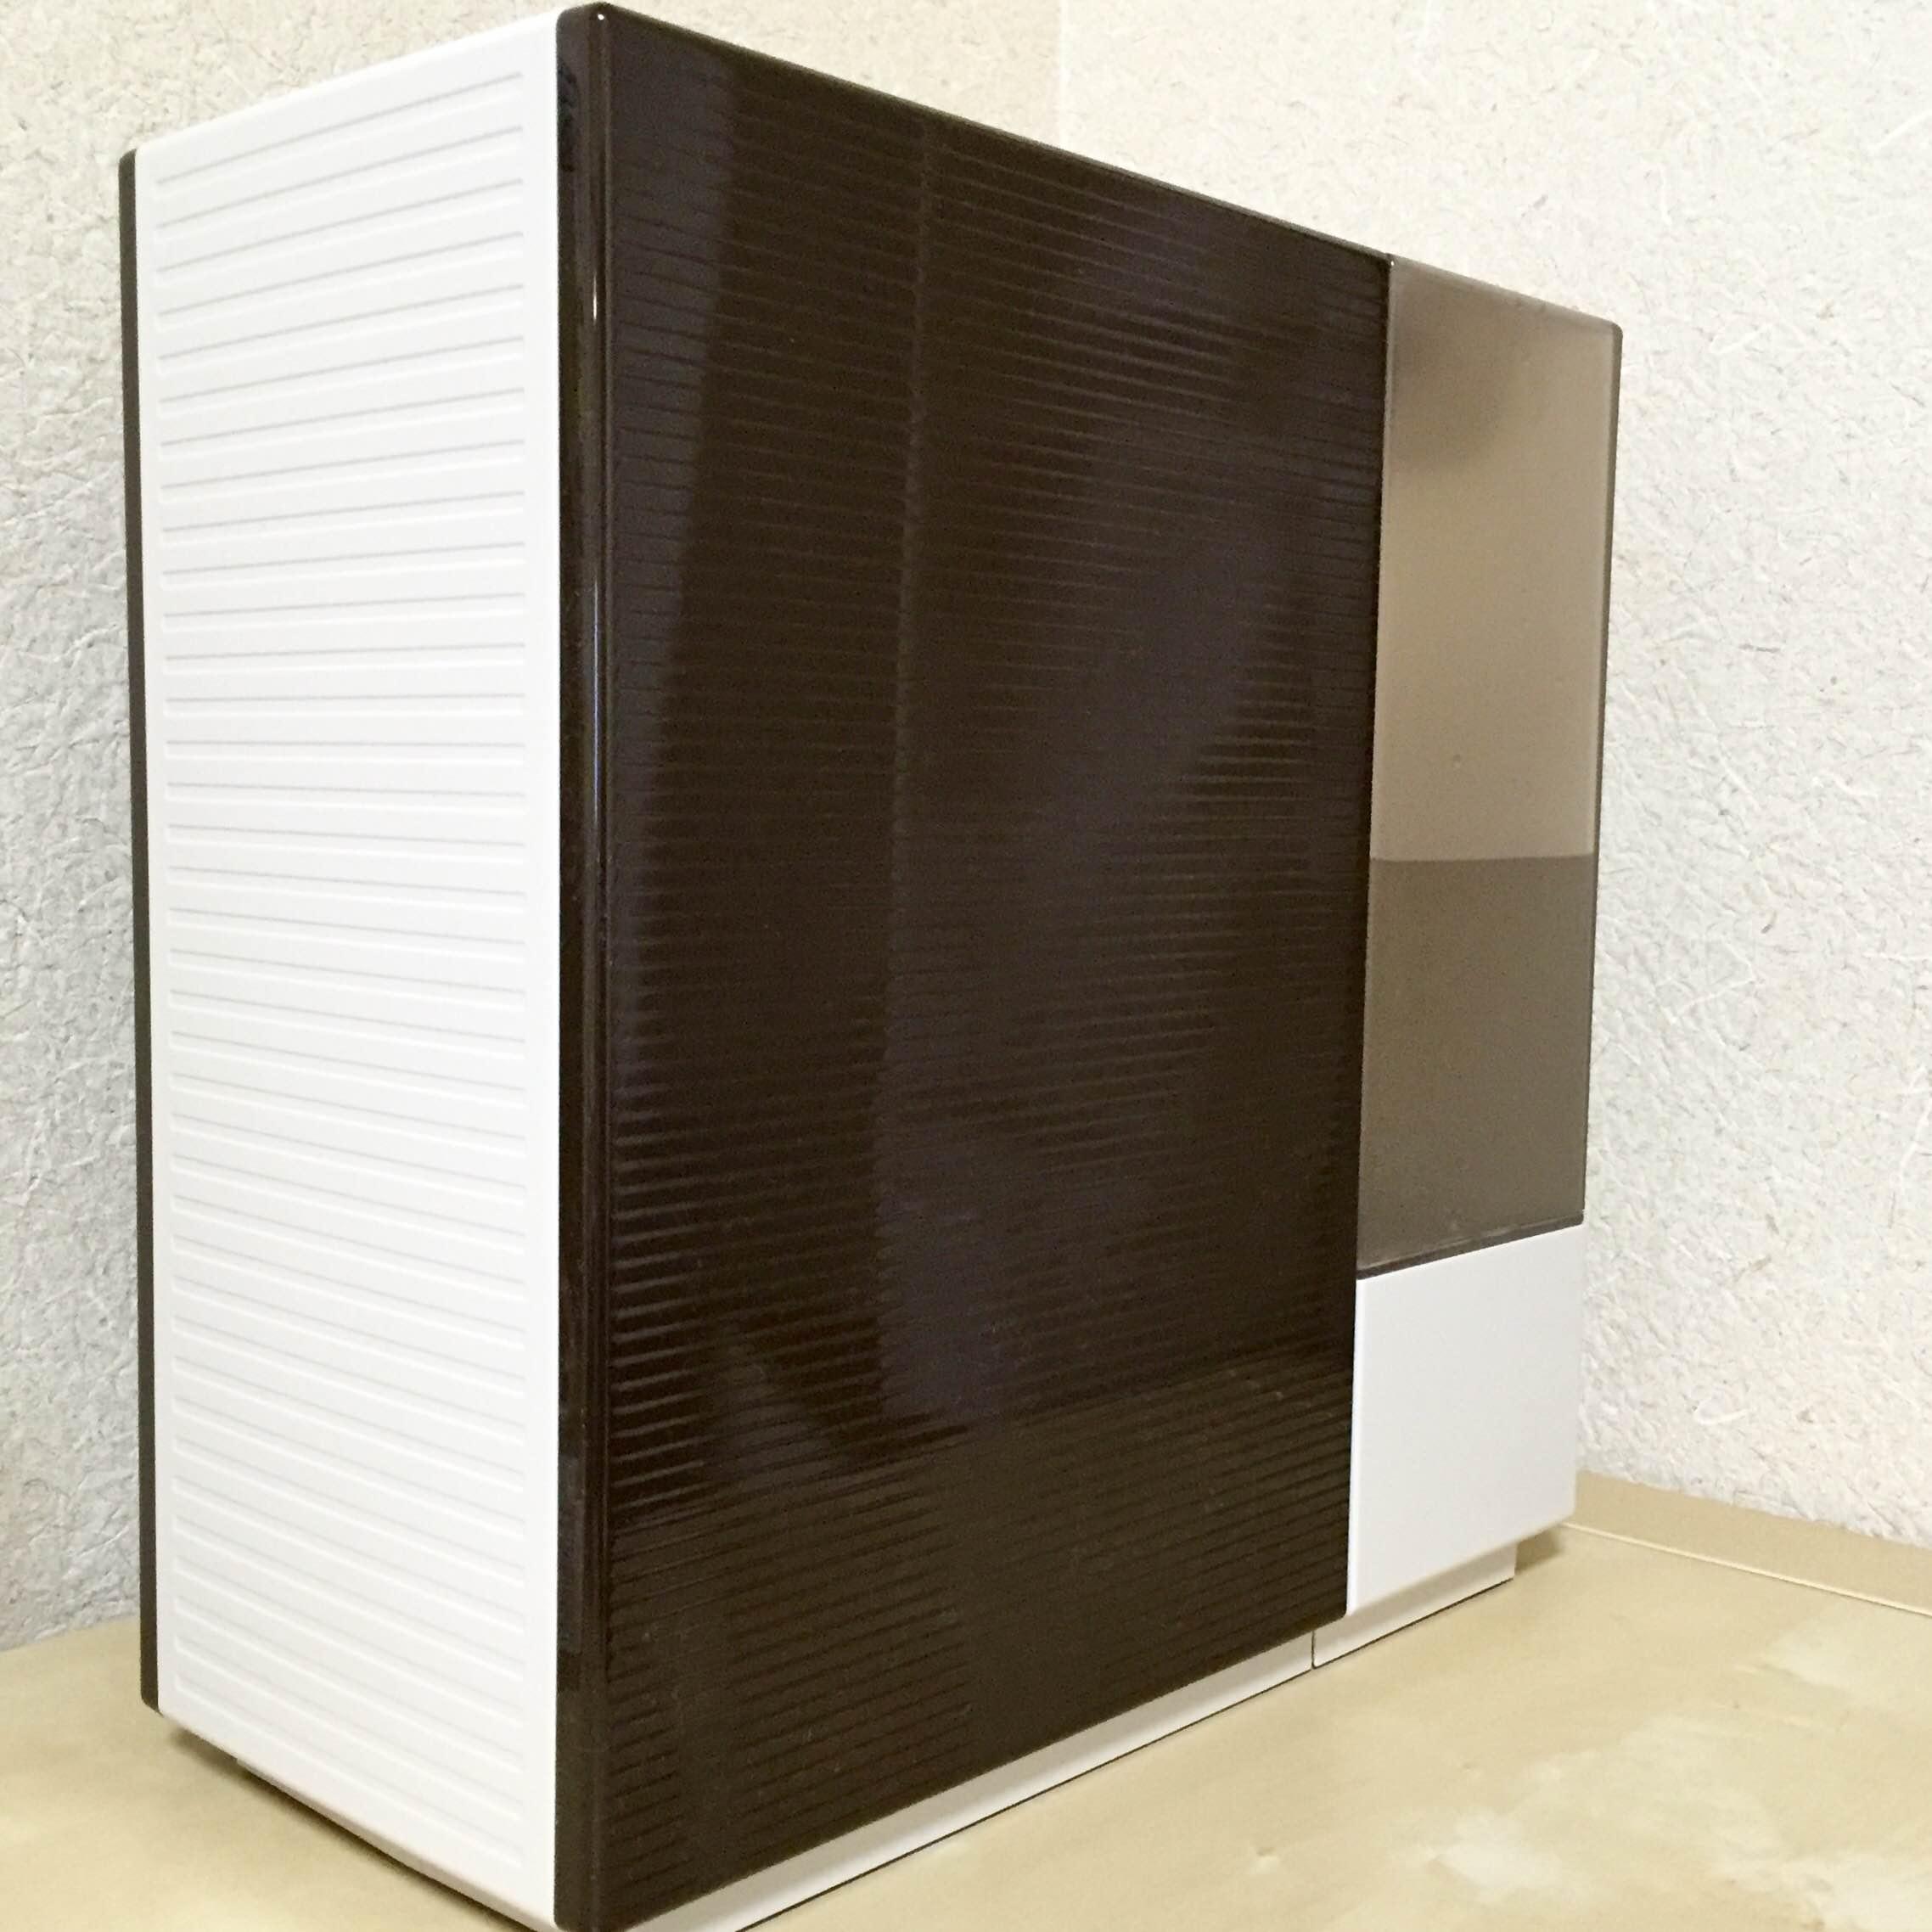 な)加湿器を購入 fujitaka.net #8B7840